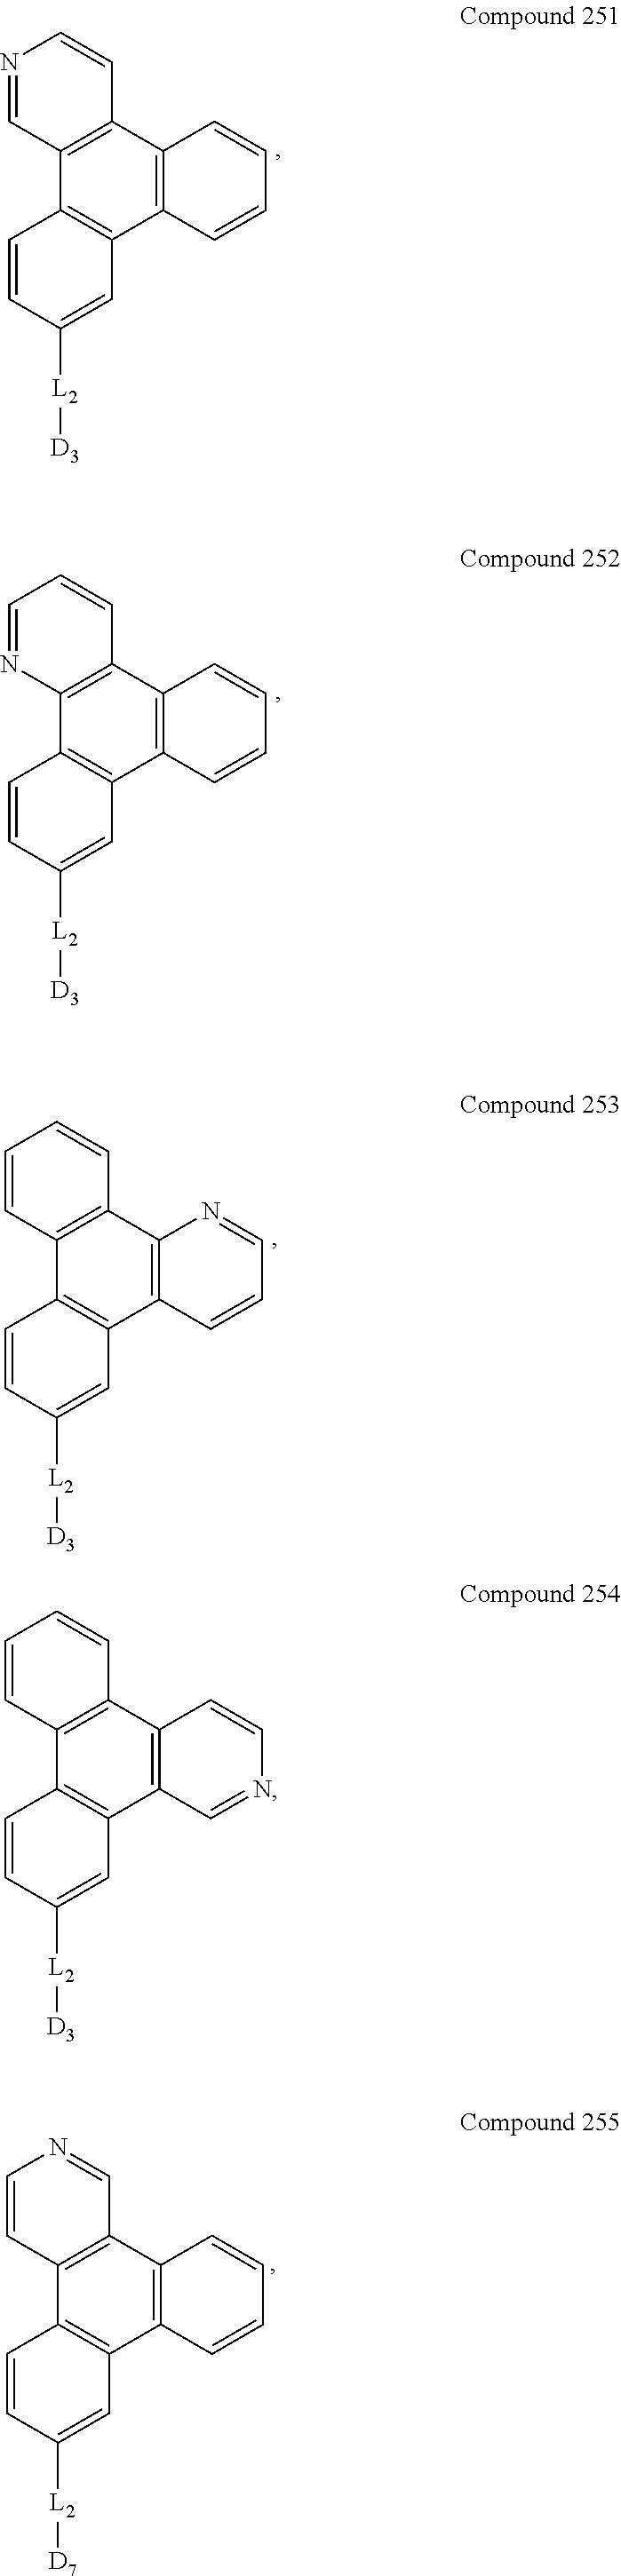 Figure US09537106-20170103-C00530